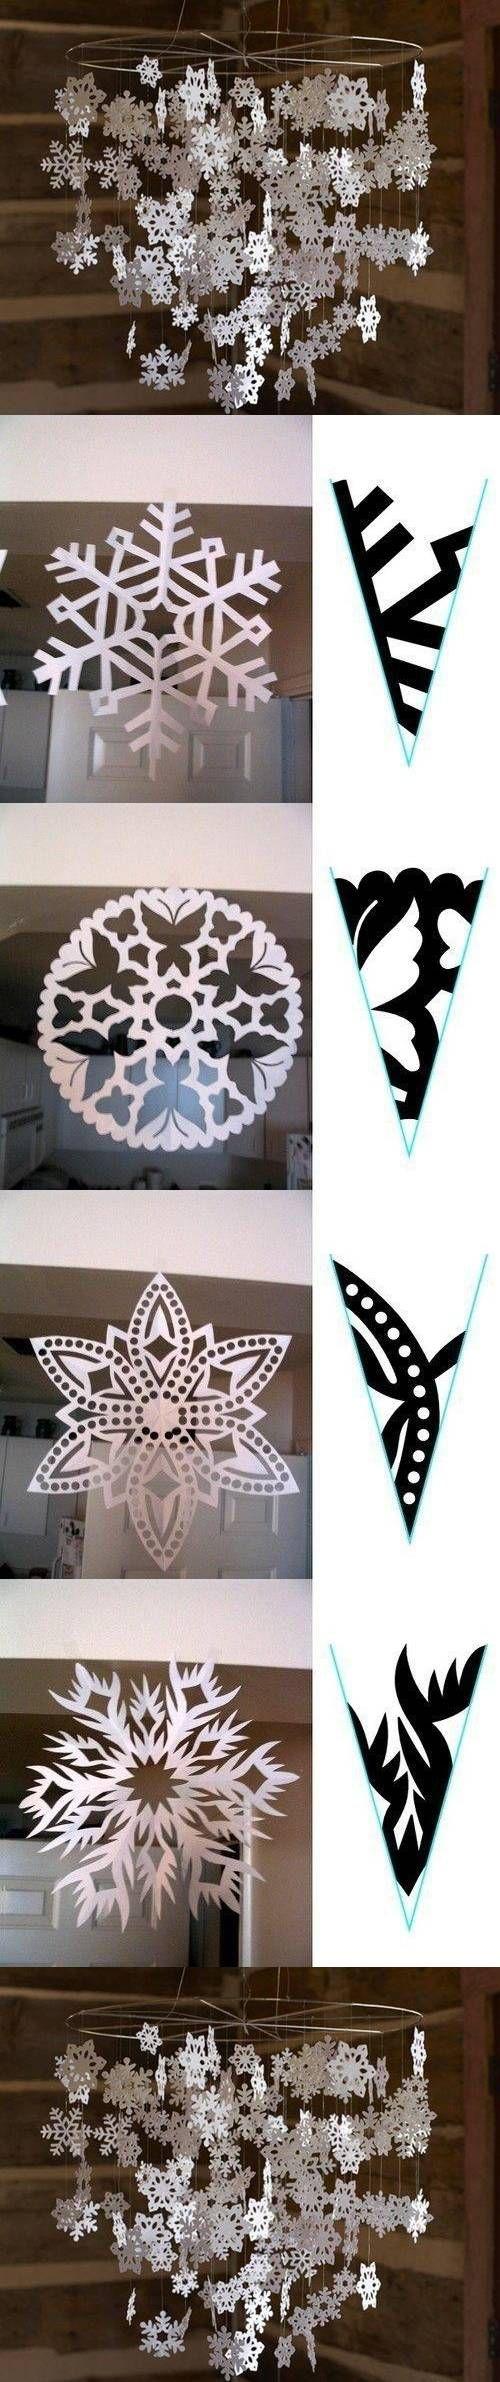 Bricolaje invierno Mobile DIY Proyectos | UsefulDIY.com: